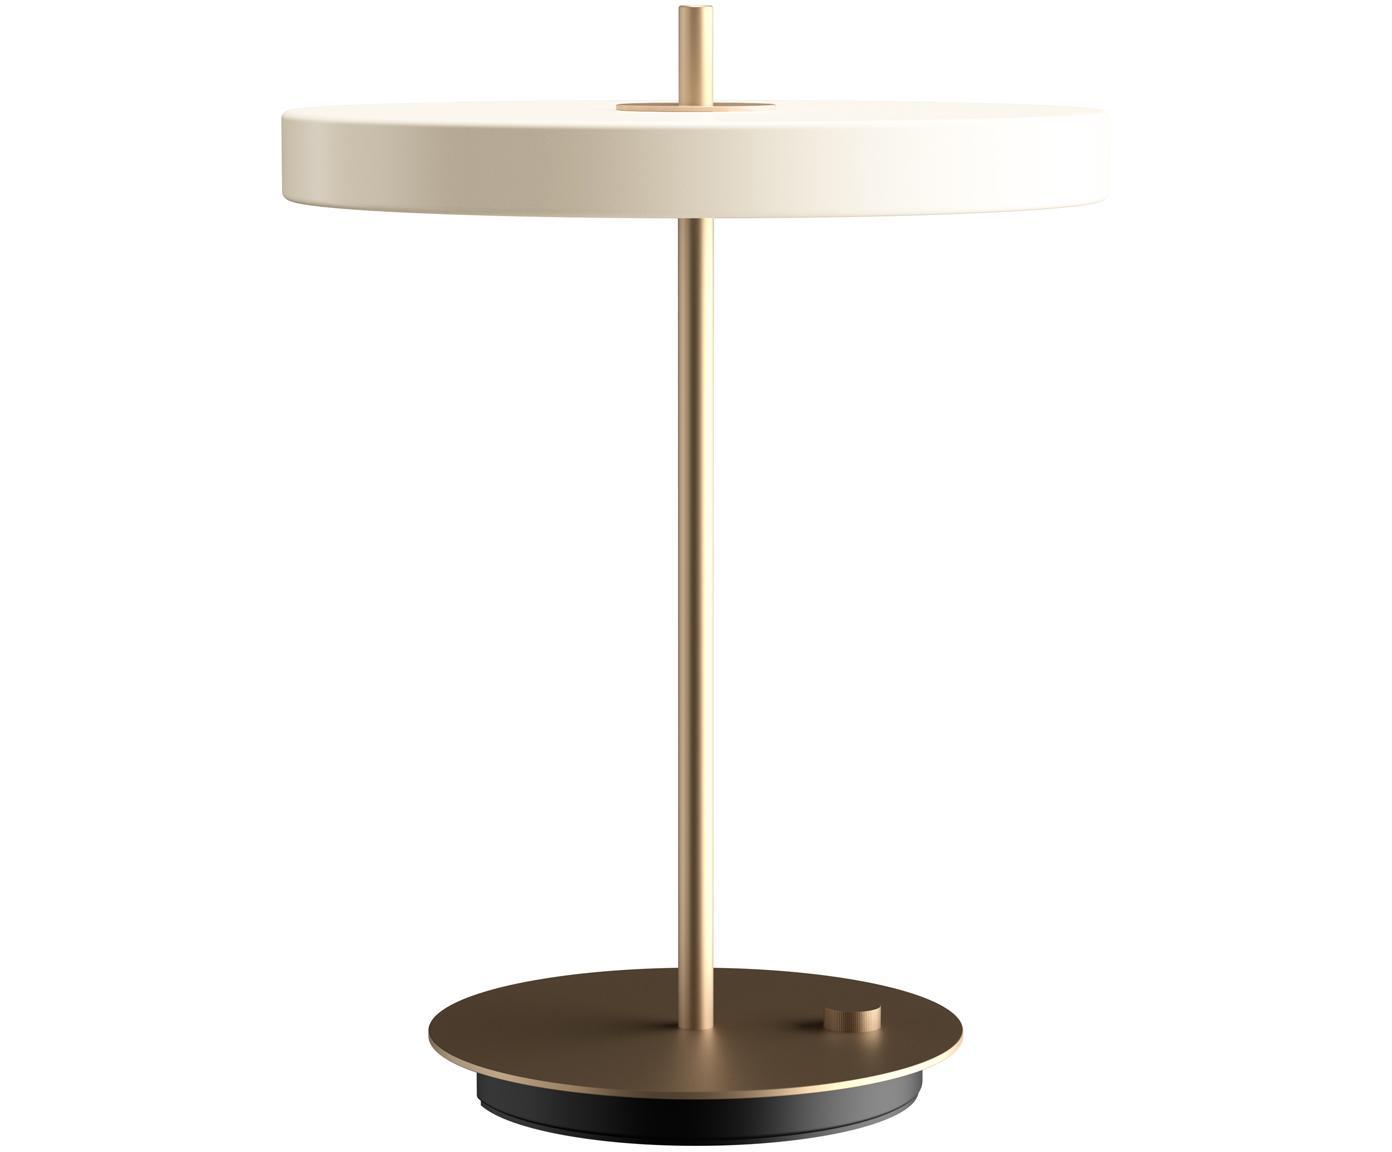 Lampa stołowa LED z funkcją przyciemniania Asteria, Kremowobiały, odcienie złotego, Ø 31 x W 42 cm